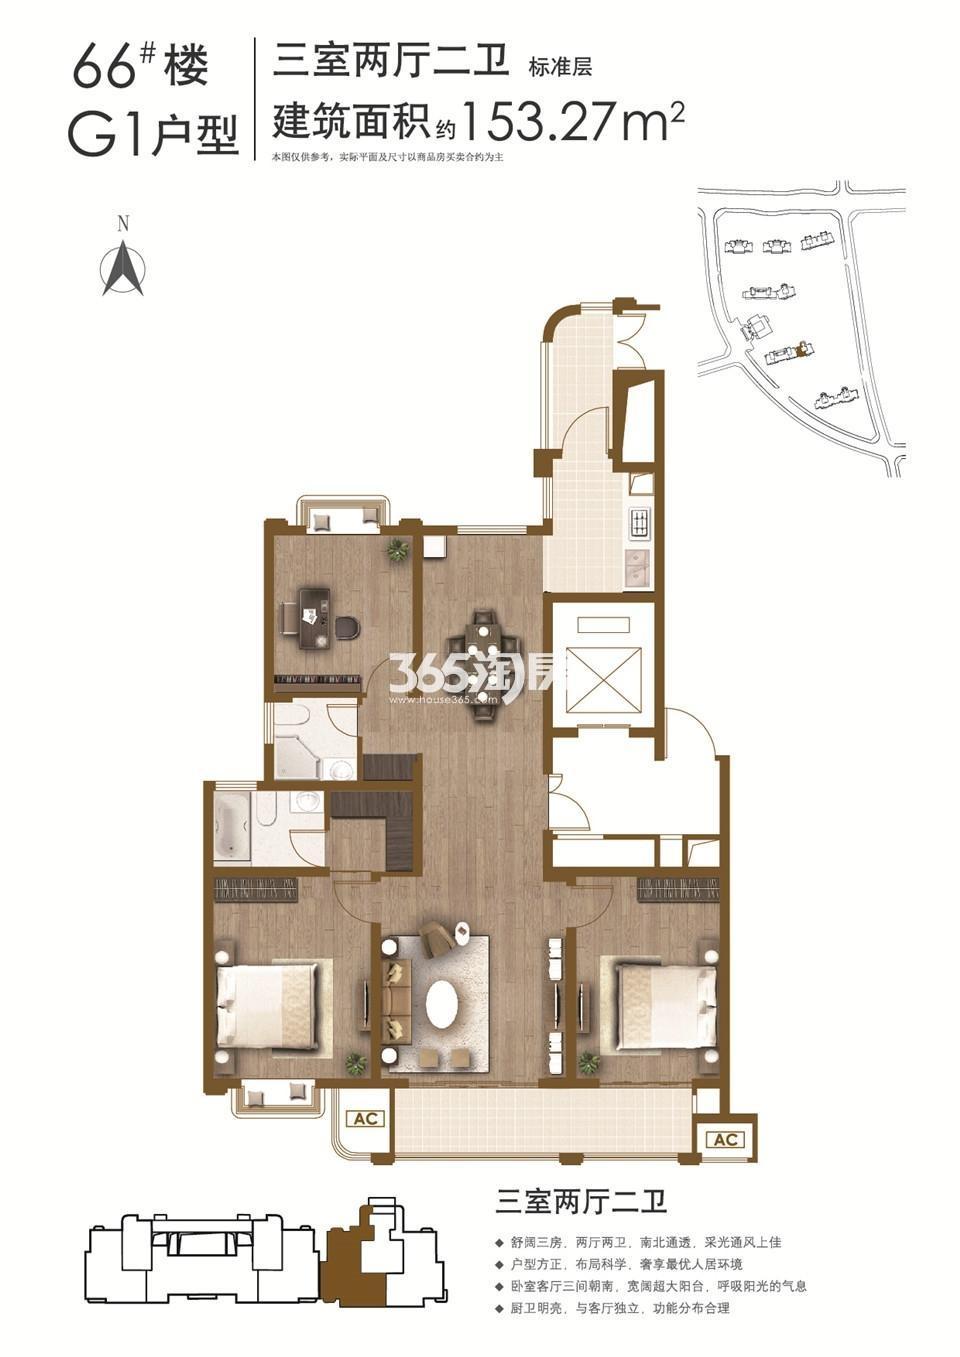 G1户型3室2厅2卫1厨 153.27㎡